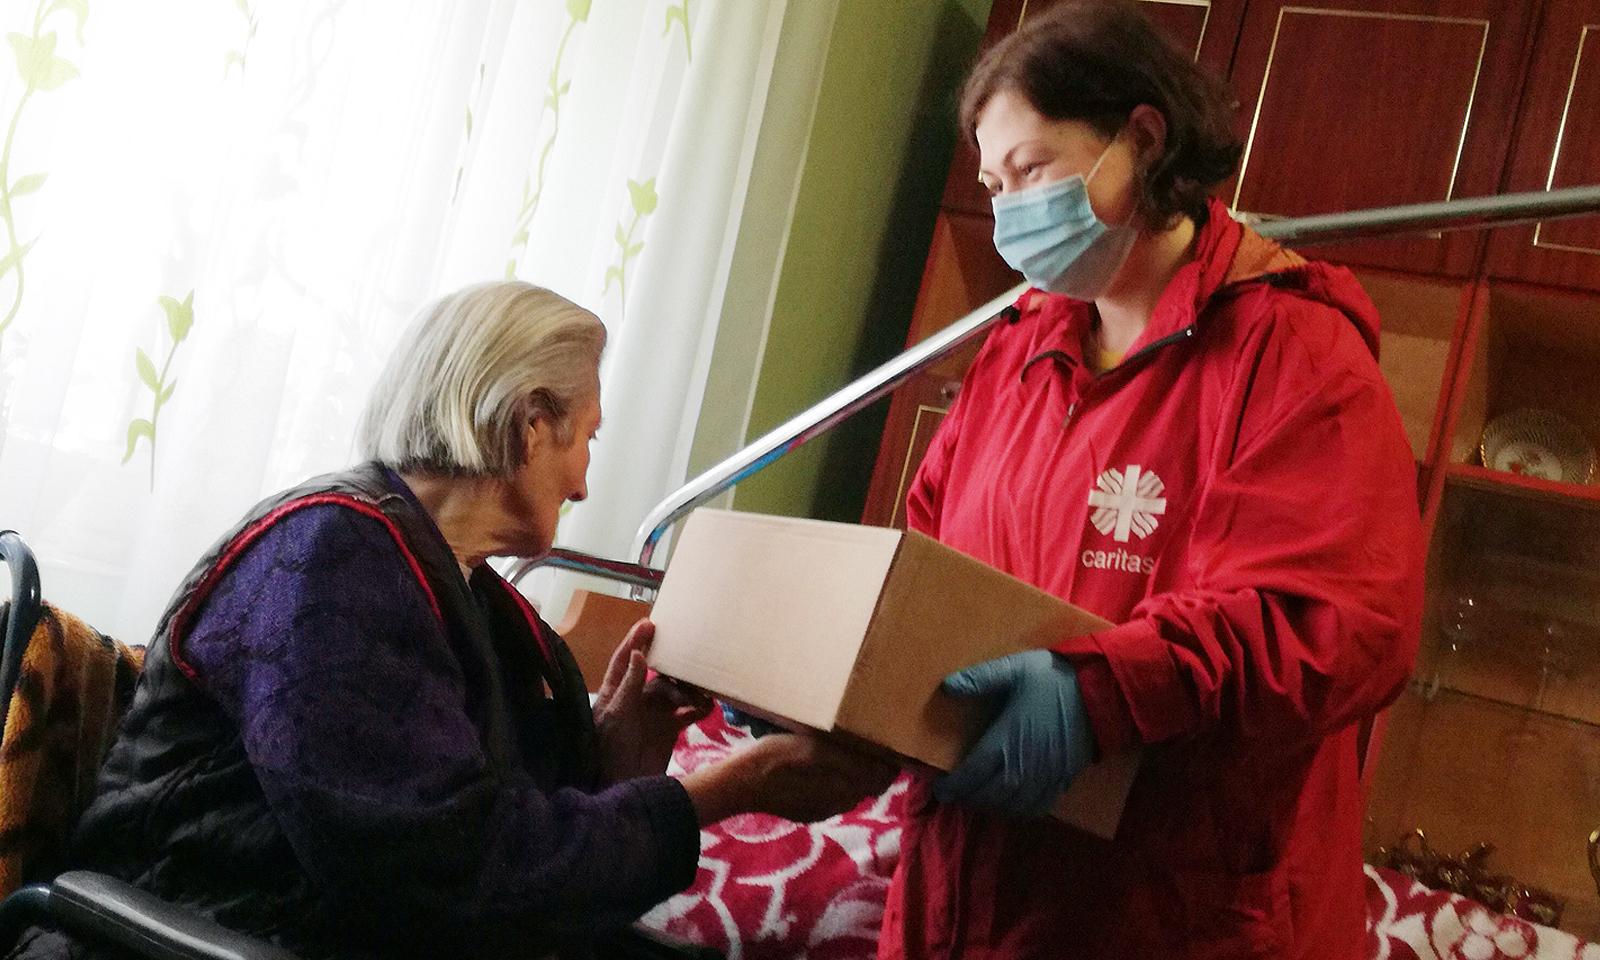 Übergabe Päckchen Hauskrankenpflege 2020 quer